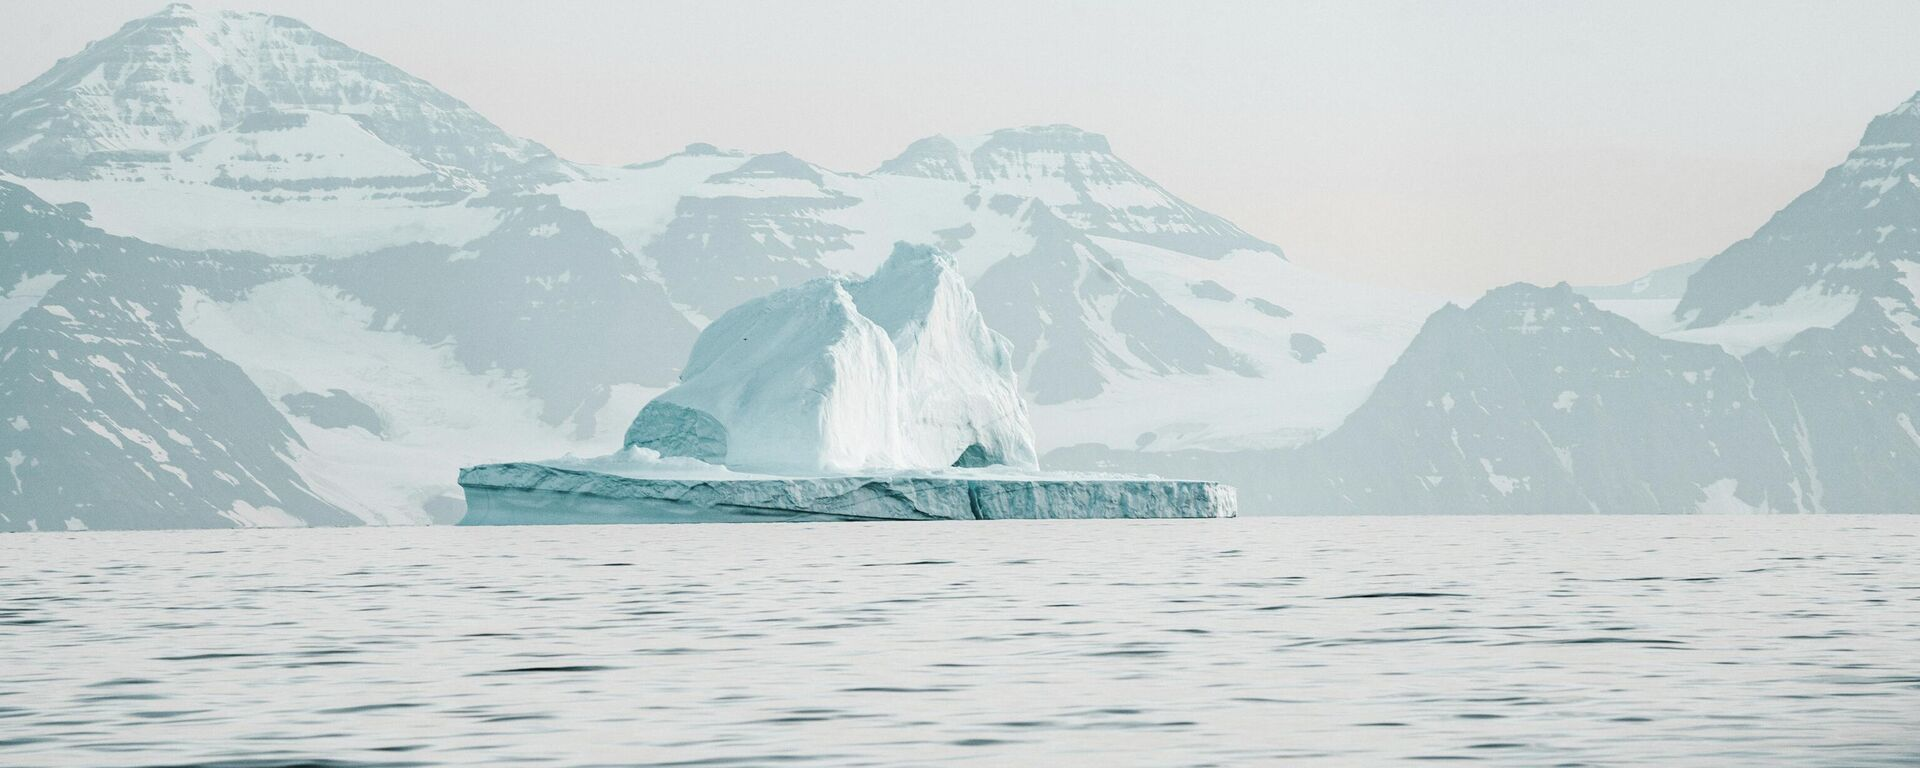 Un témpano de hielo en el Ártico - Sputnik Mundo, 1920, 26.02.2021